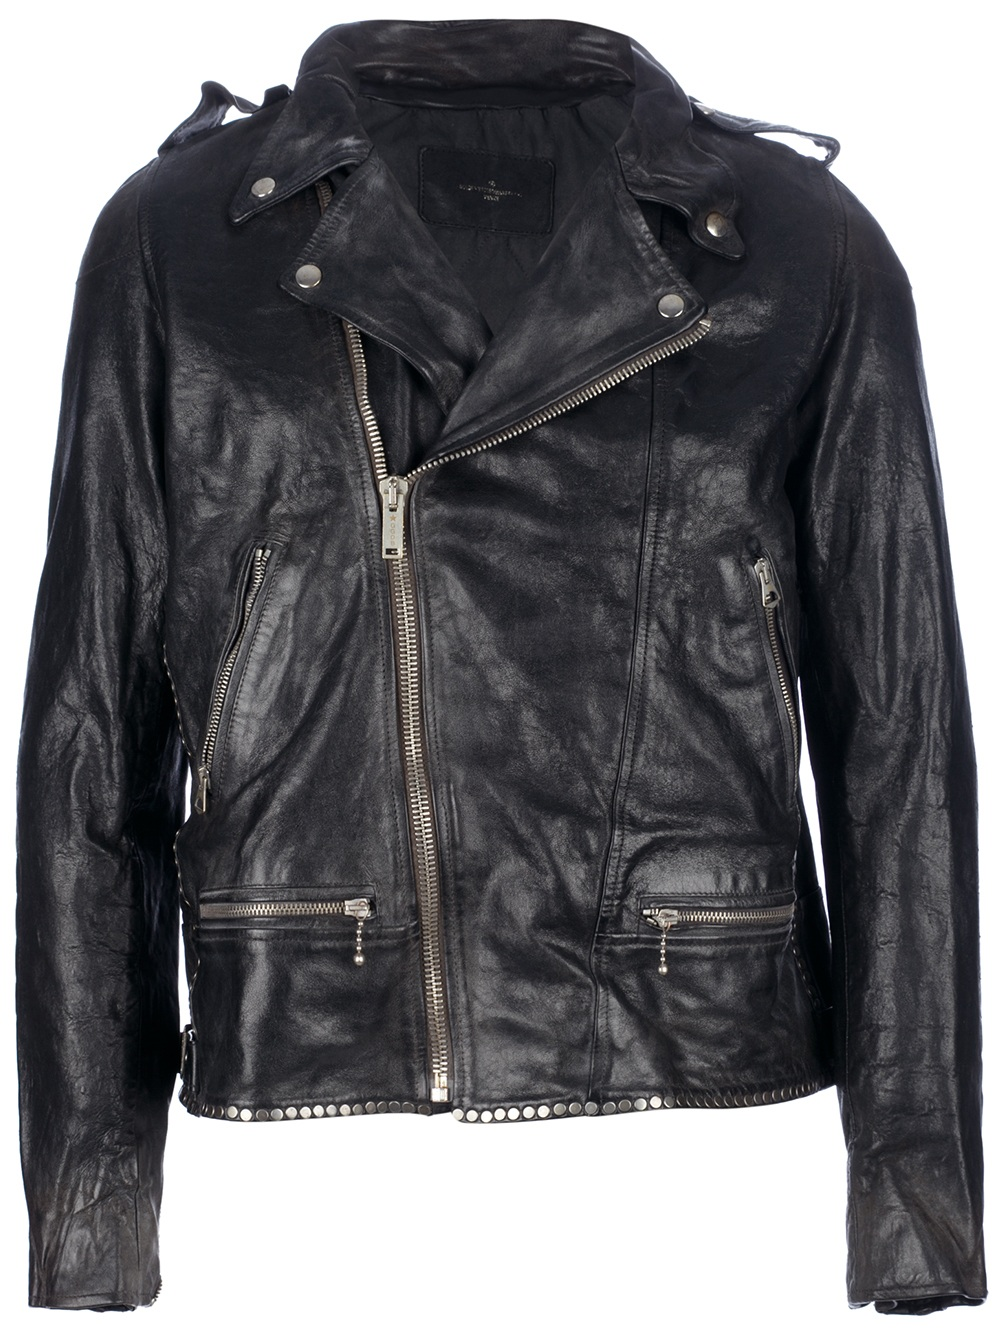 golden goose deluxe brand studded biker jacket in black for men lyst. Black Bedroom Furniture Sets. Home Design Ideas